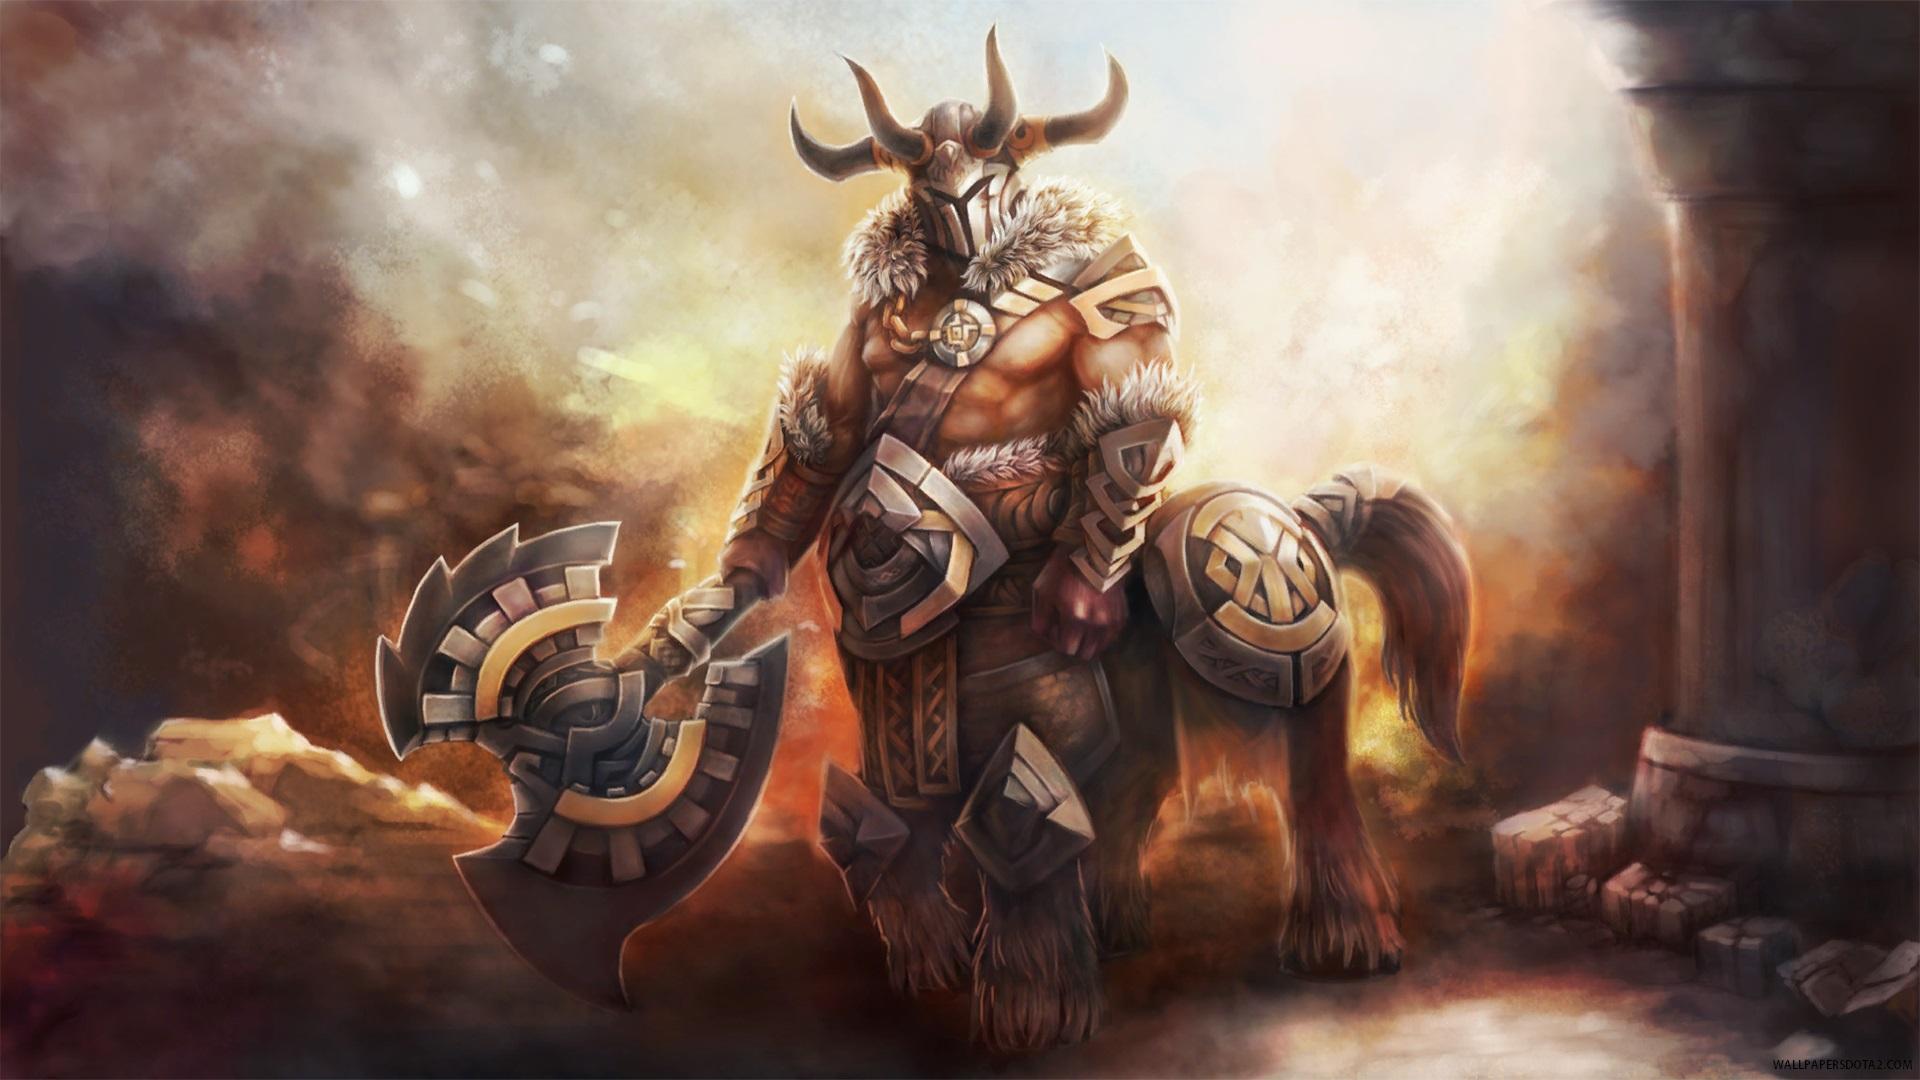 Centaur Warrunner Unbroken Stallion Dota 2 online strategy